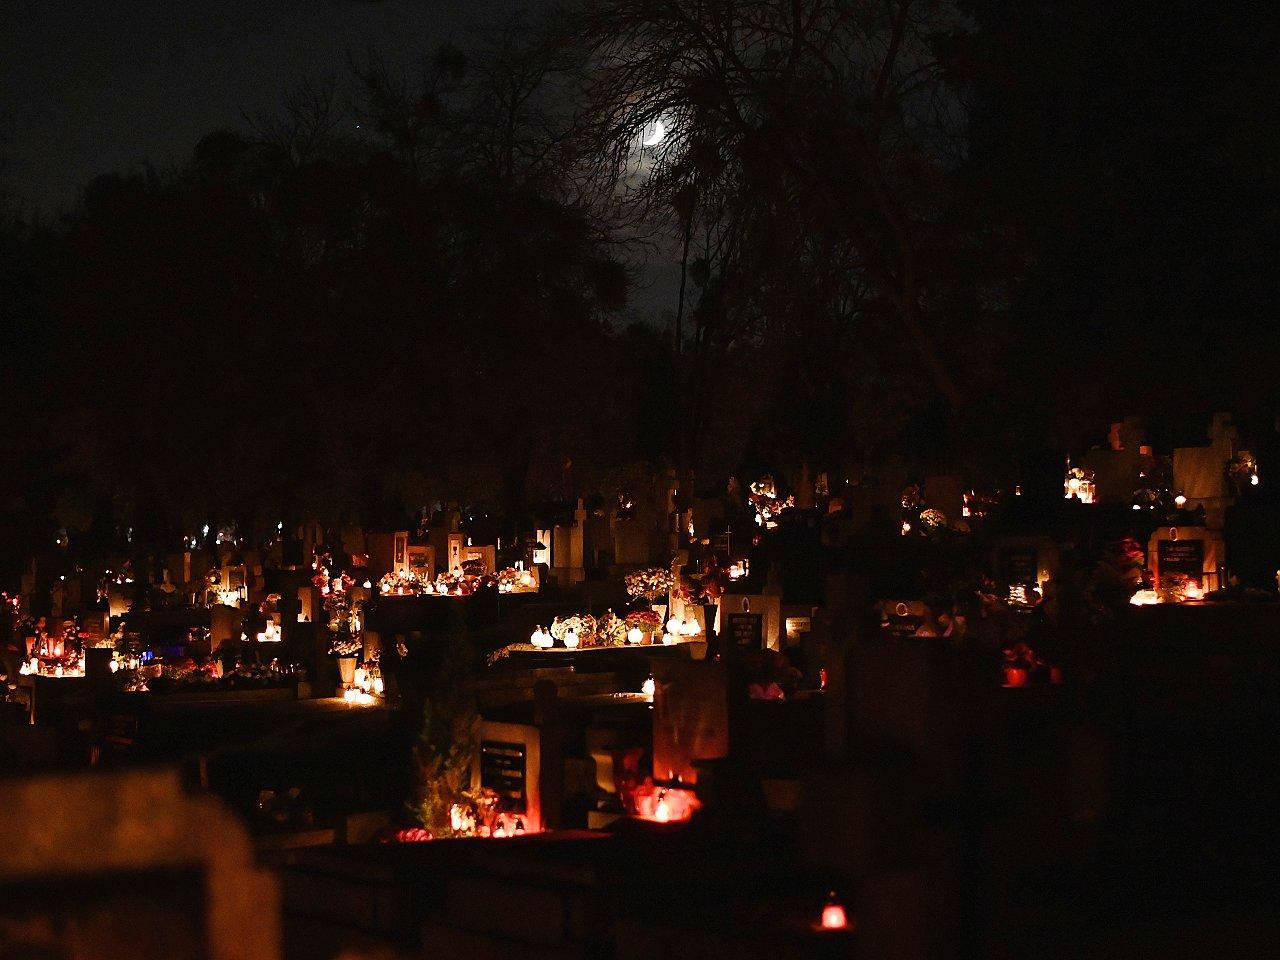 Verejný cintorín, Košice